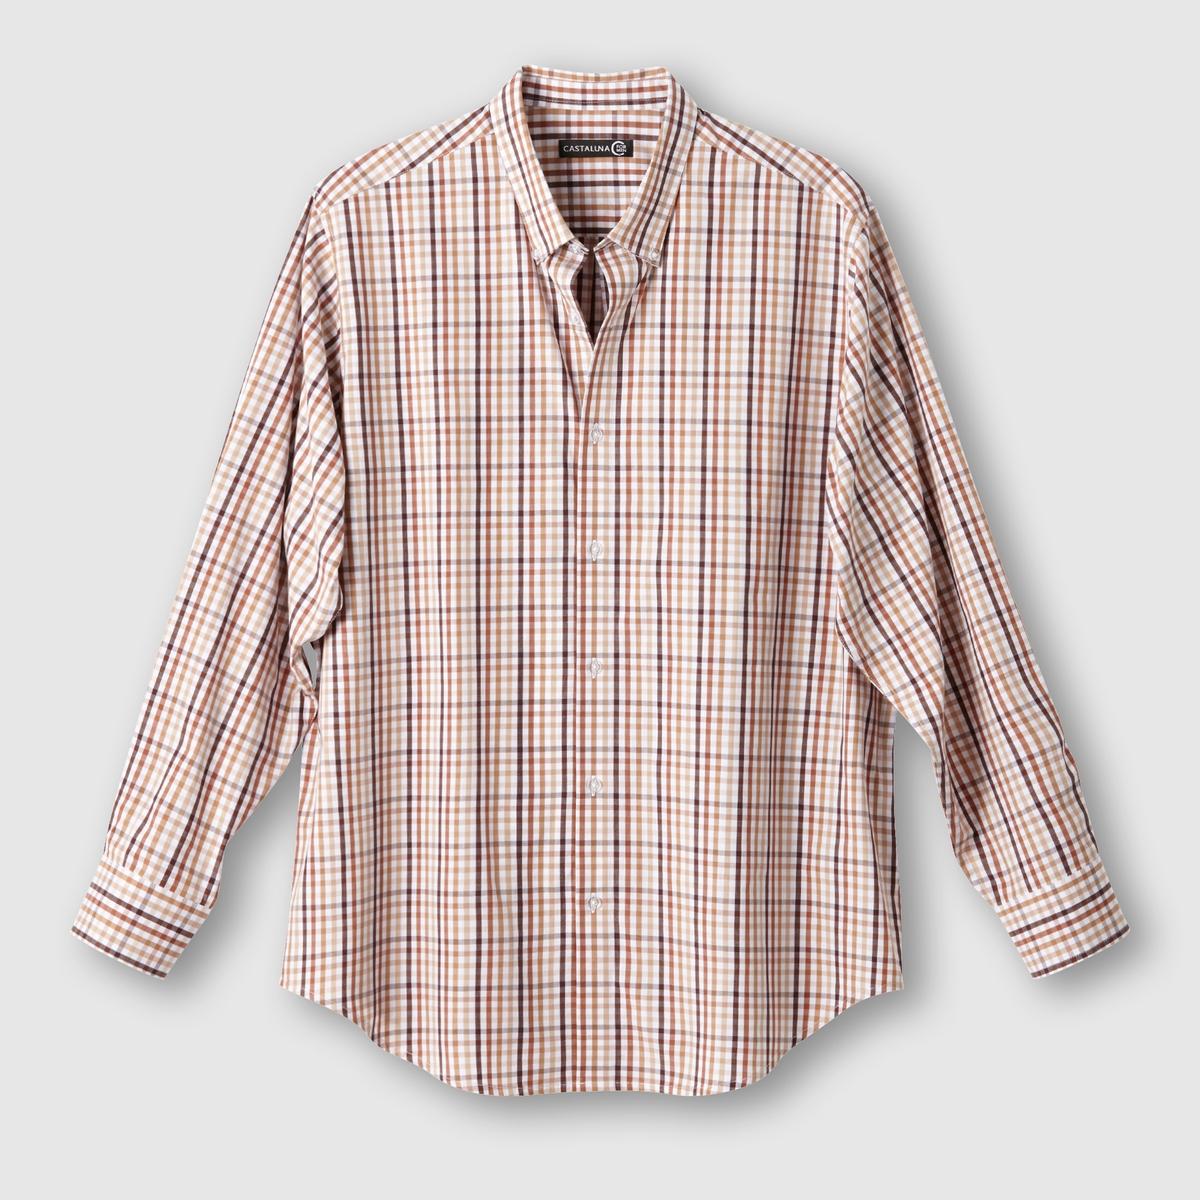 Рубашка в клеткуРубашка в клетку. Длинные рукава. Воротник с застежкой на пуговицы. Складка сзади. Закругленные полочки. Ткань с окрашенными волокнами,  100% хлопок. Длина 83 см.<br><br>Цвет: бежевый/ шоколадный<br>Размер: 47/48